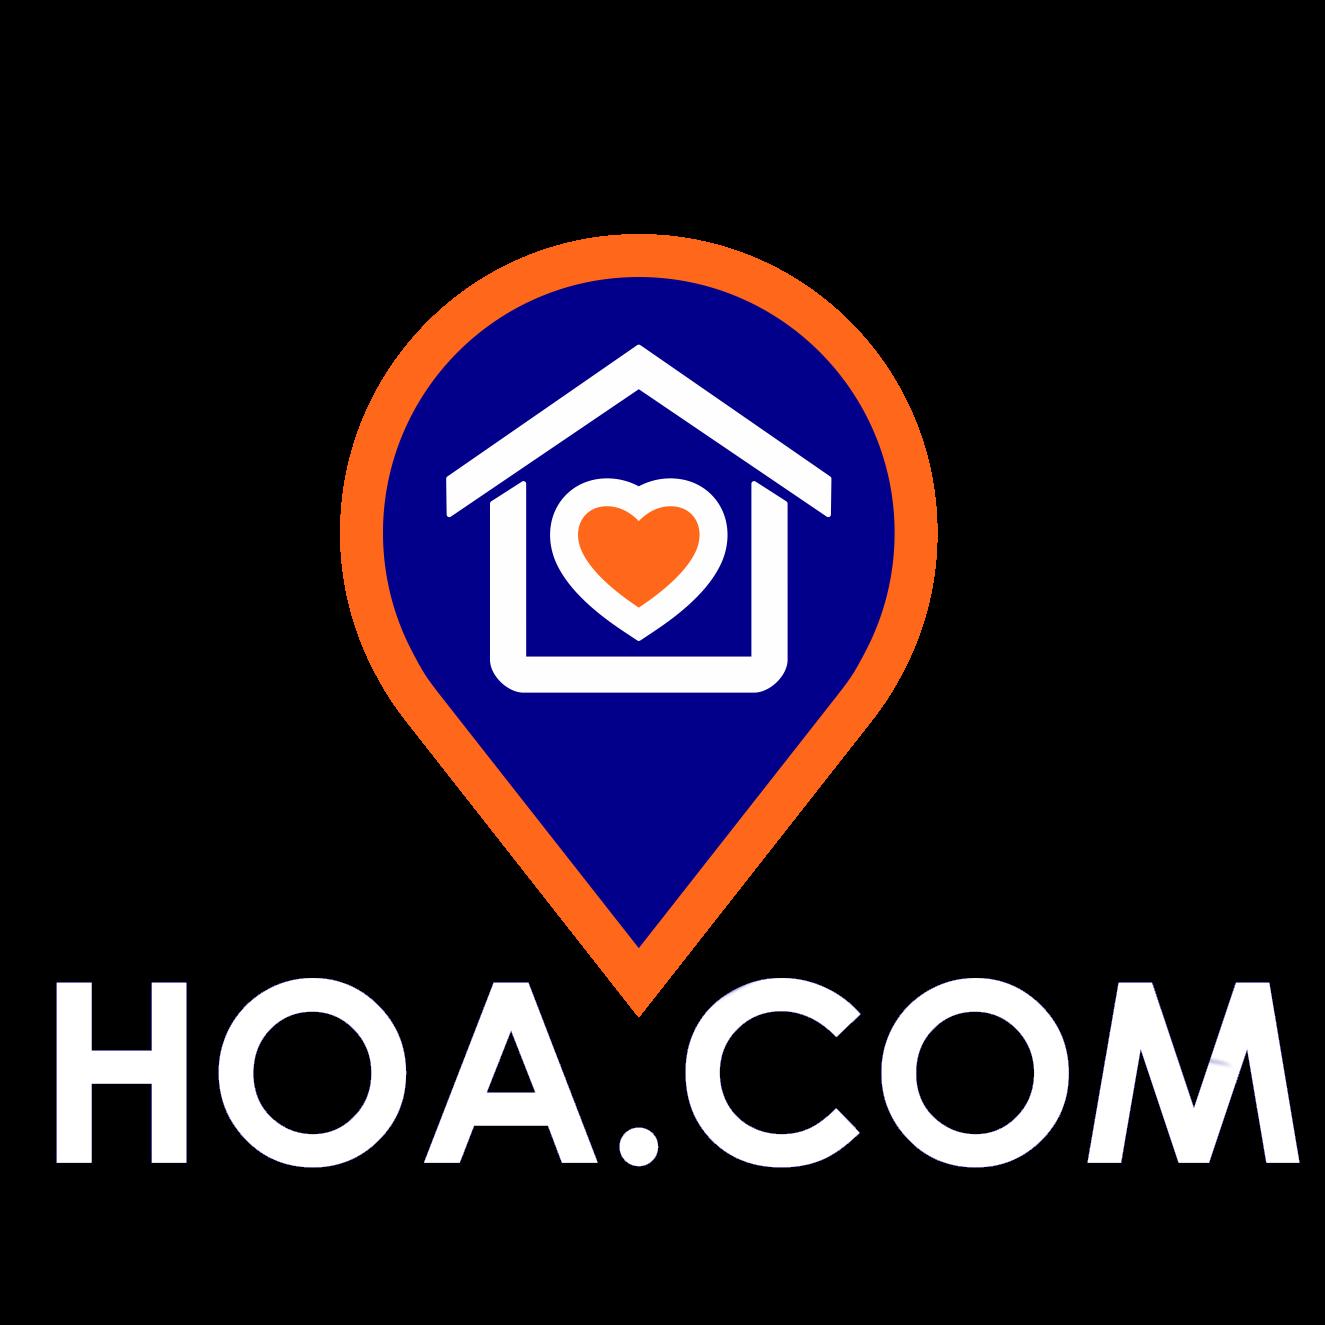 HOA.COM